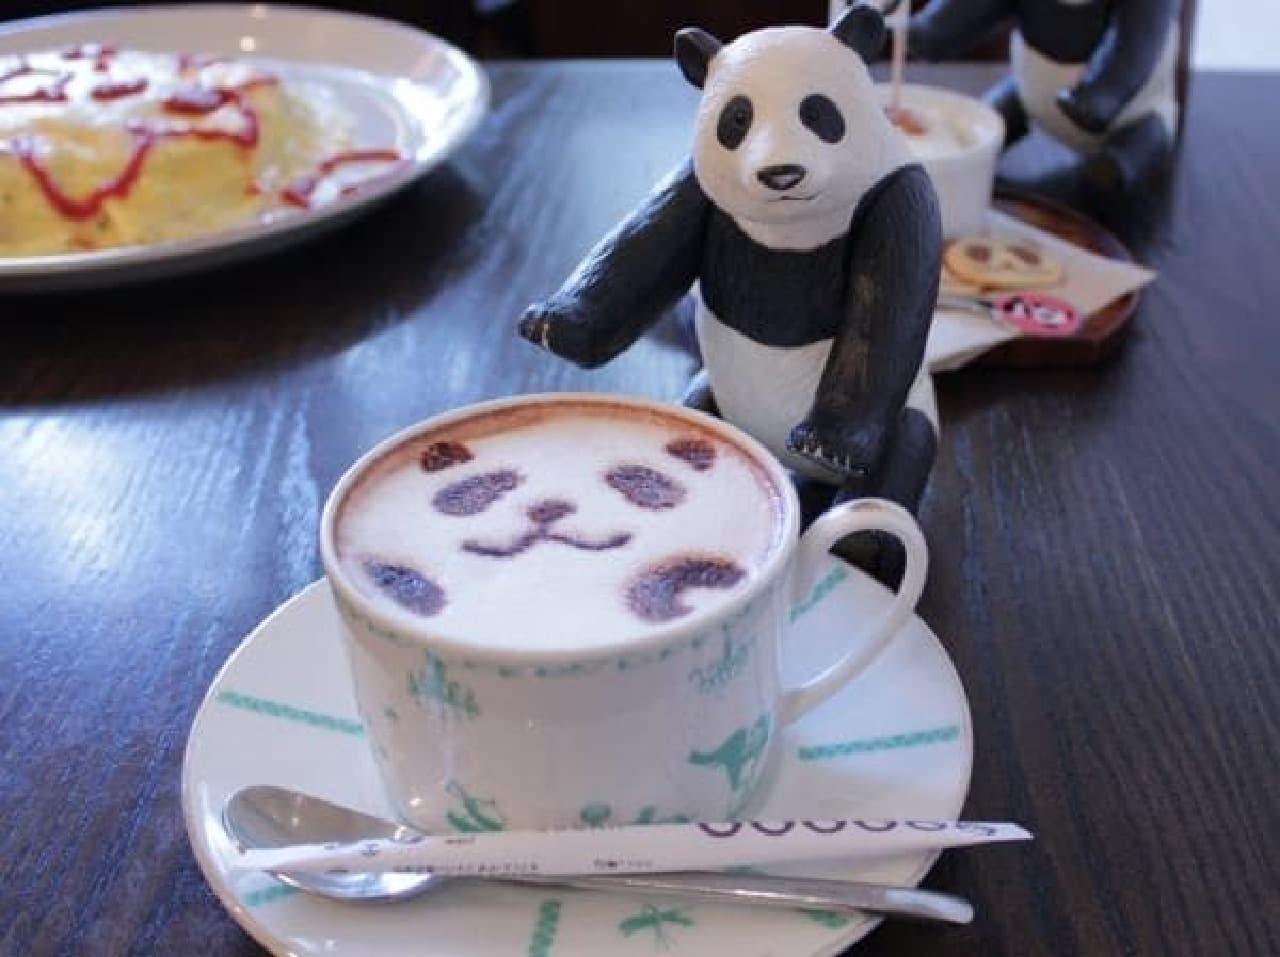 パンダは癒してくれるかな...?